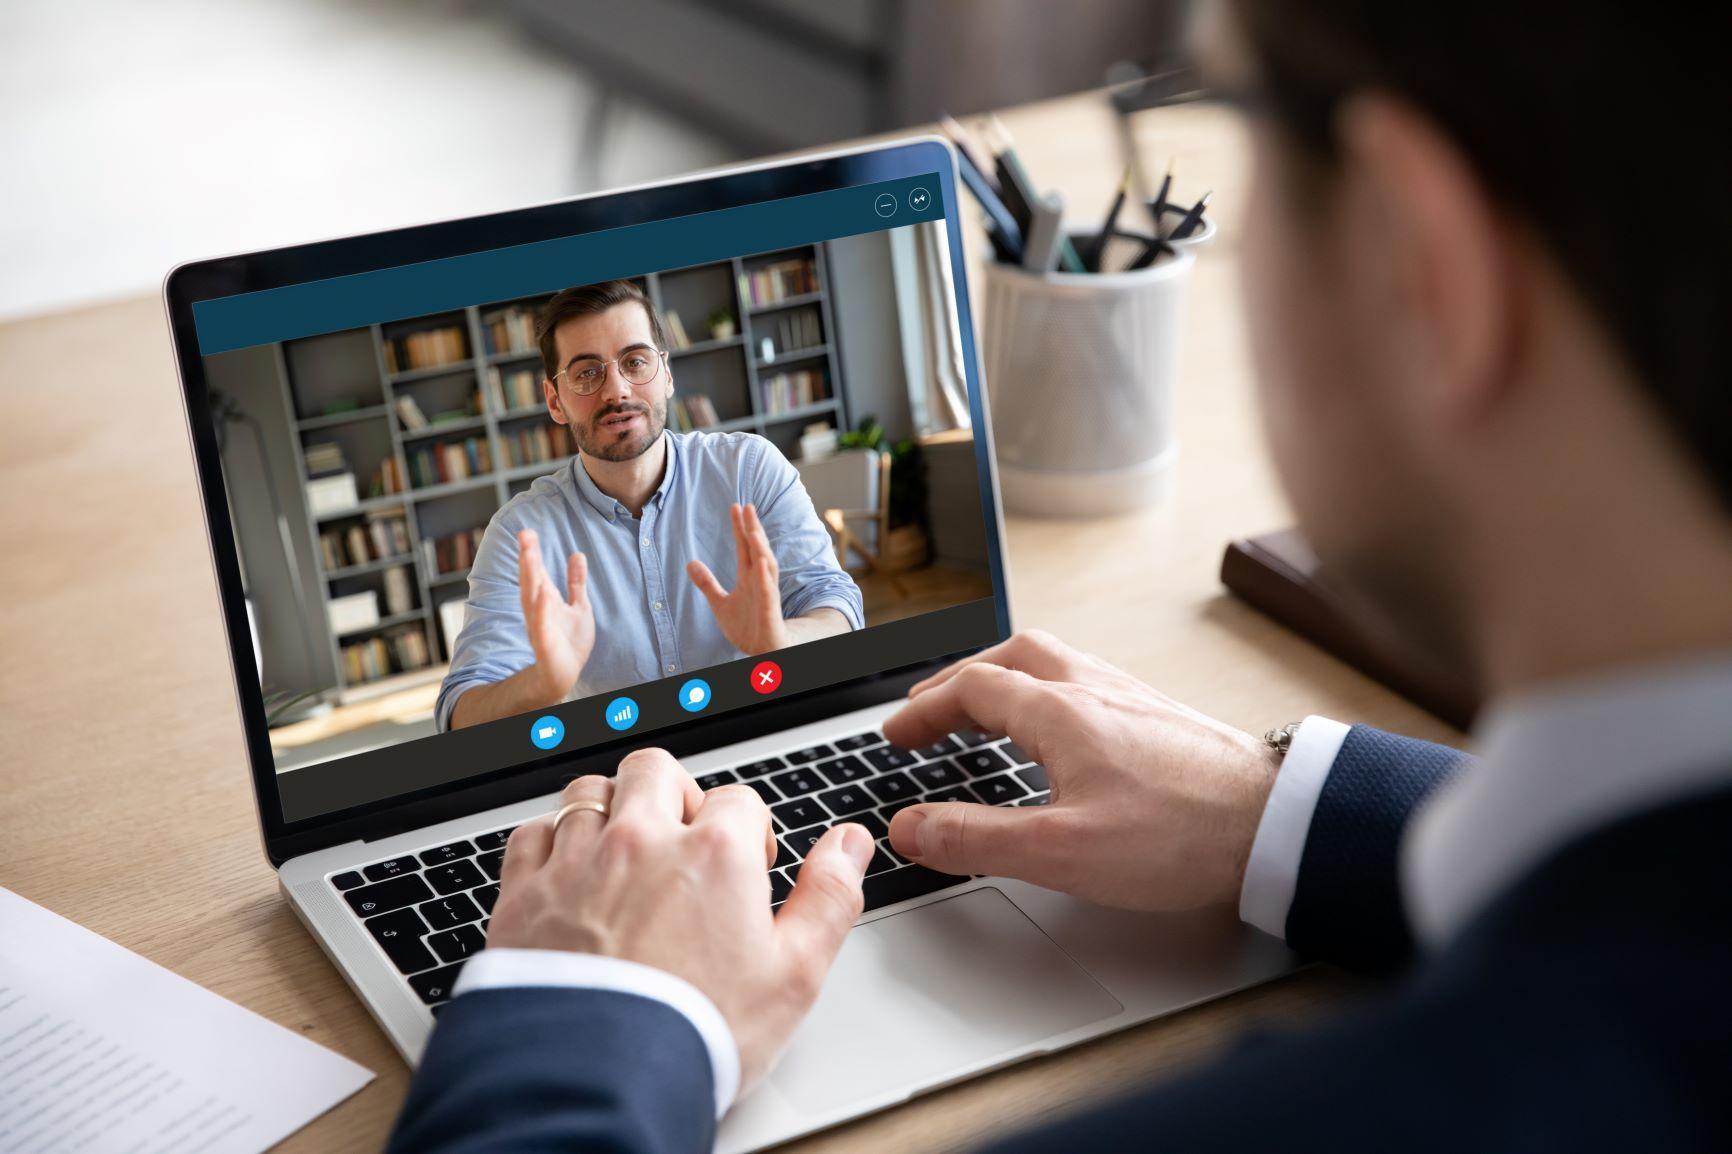 e-wizyta w ZUS: wideorozmowa z urzędnikiem zamiast osobistej wizyty w oddziale